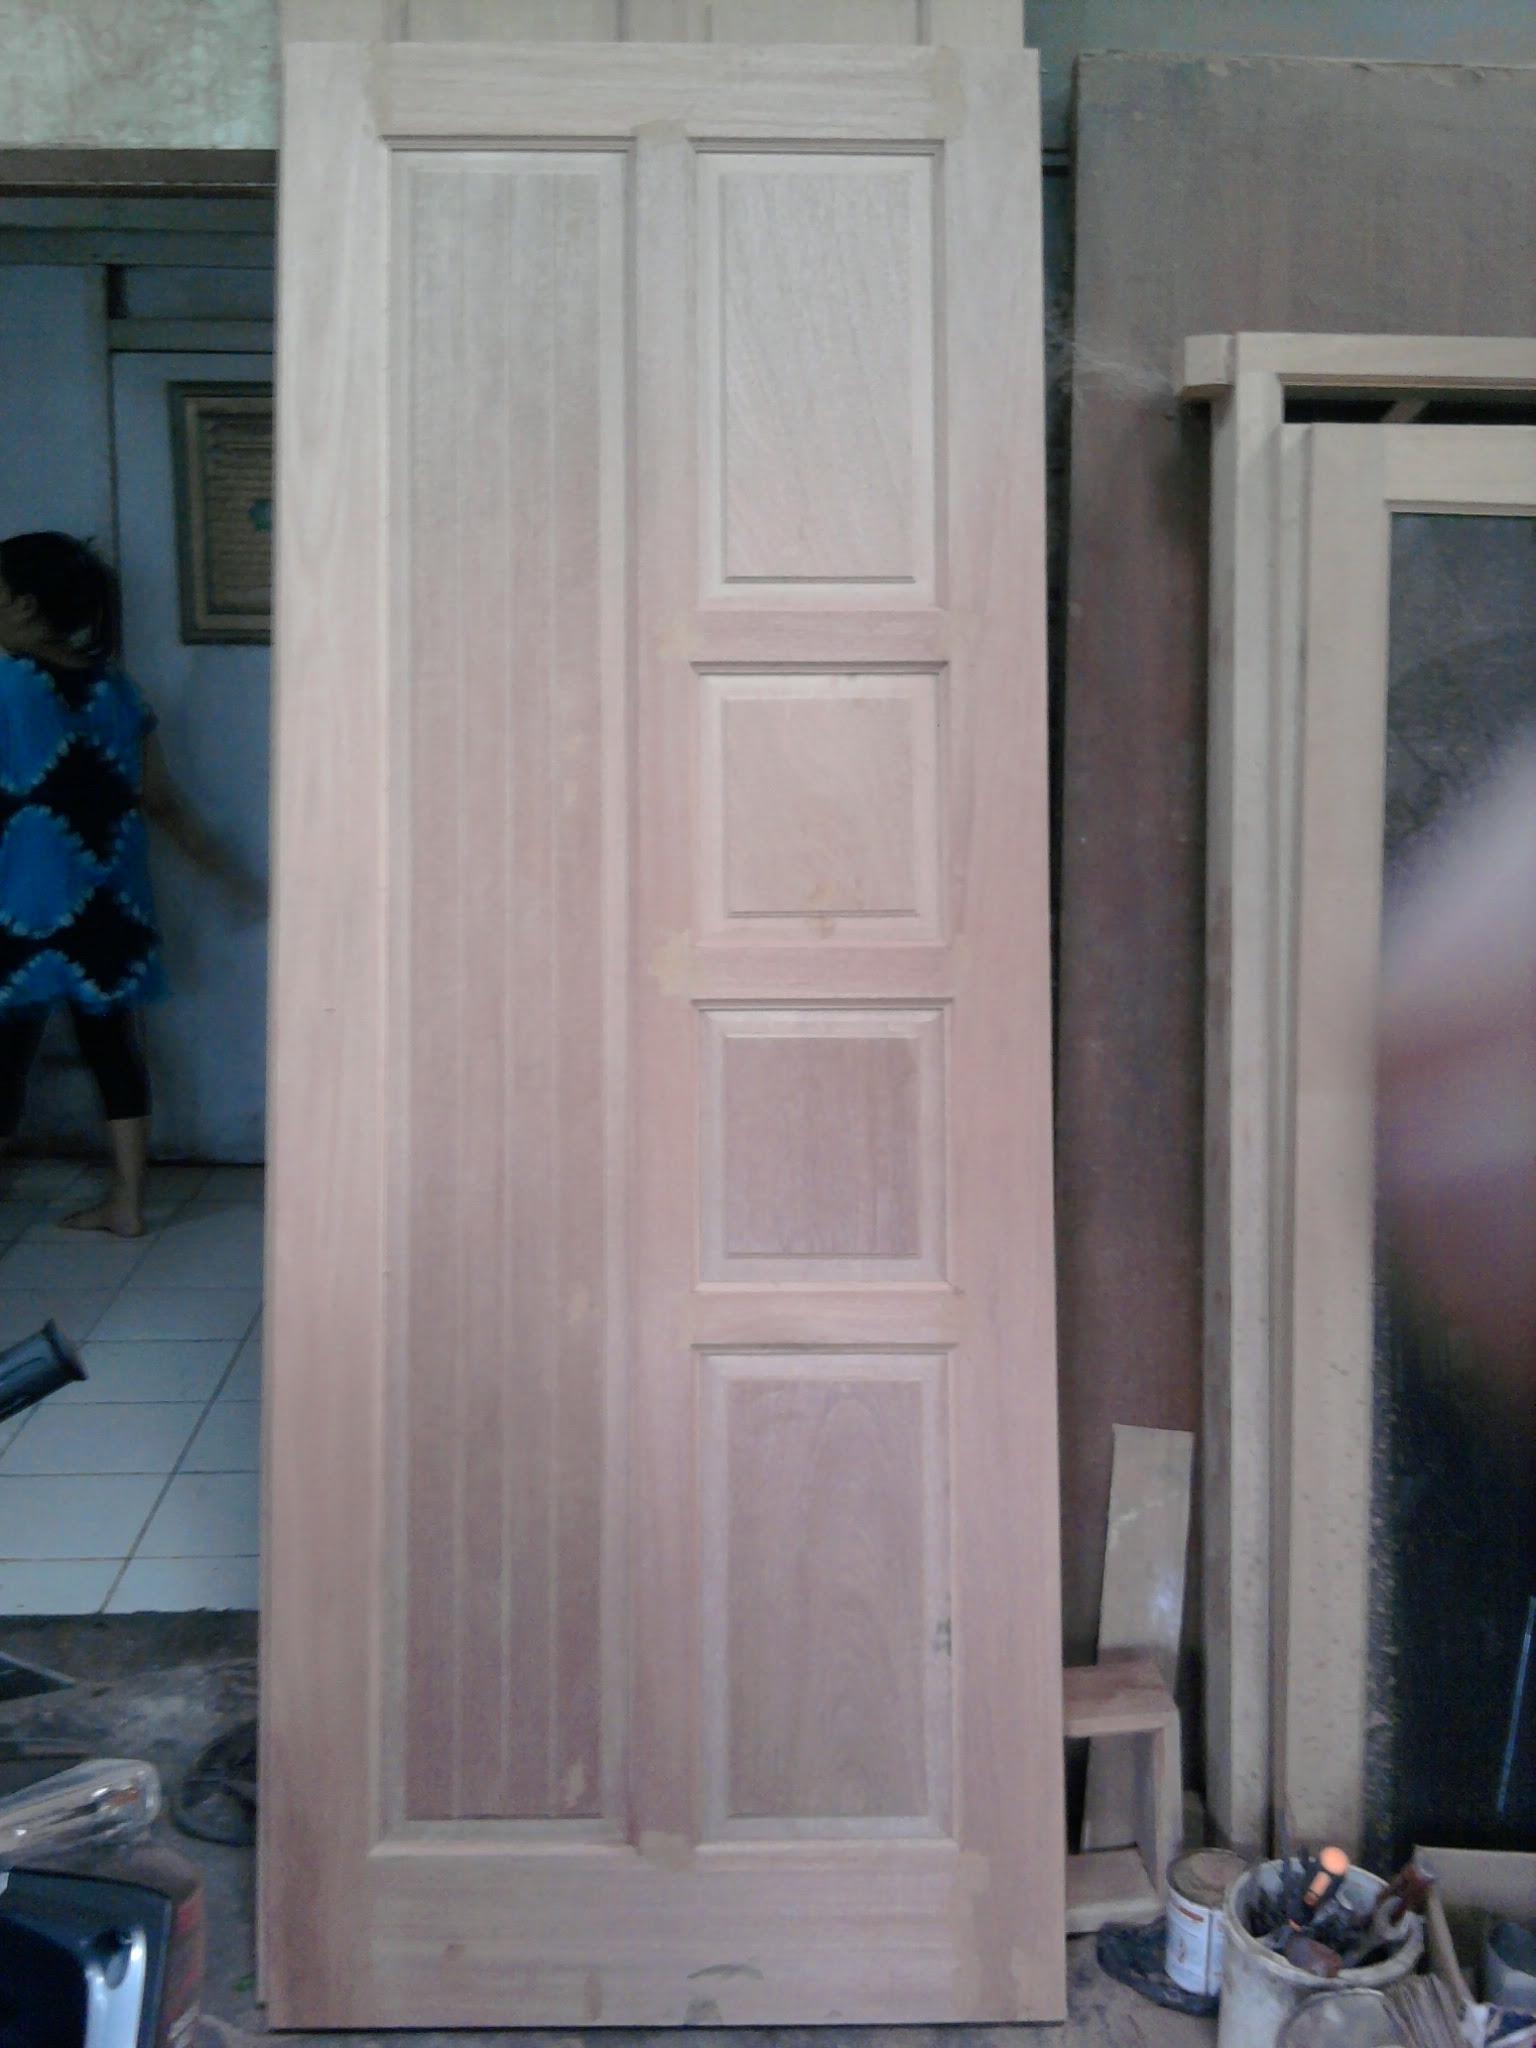 Kumpulan Gambar Model Pintu Minimalis Terbaru Paling